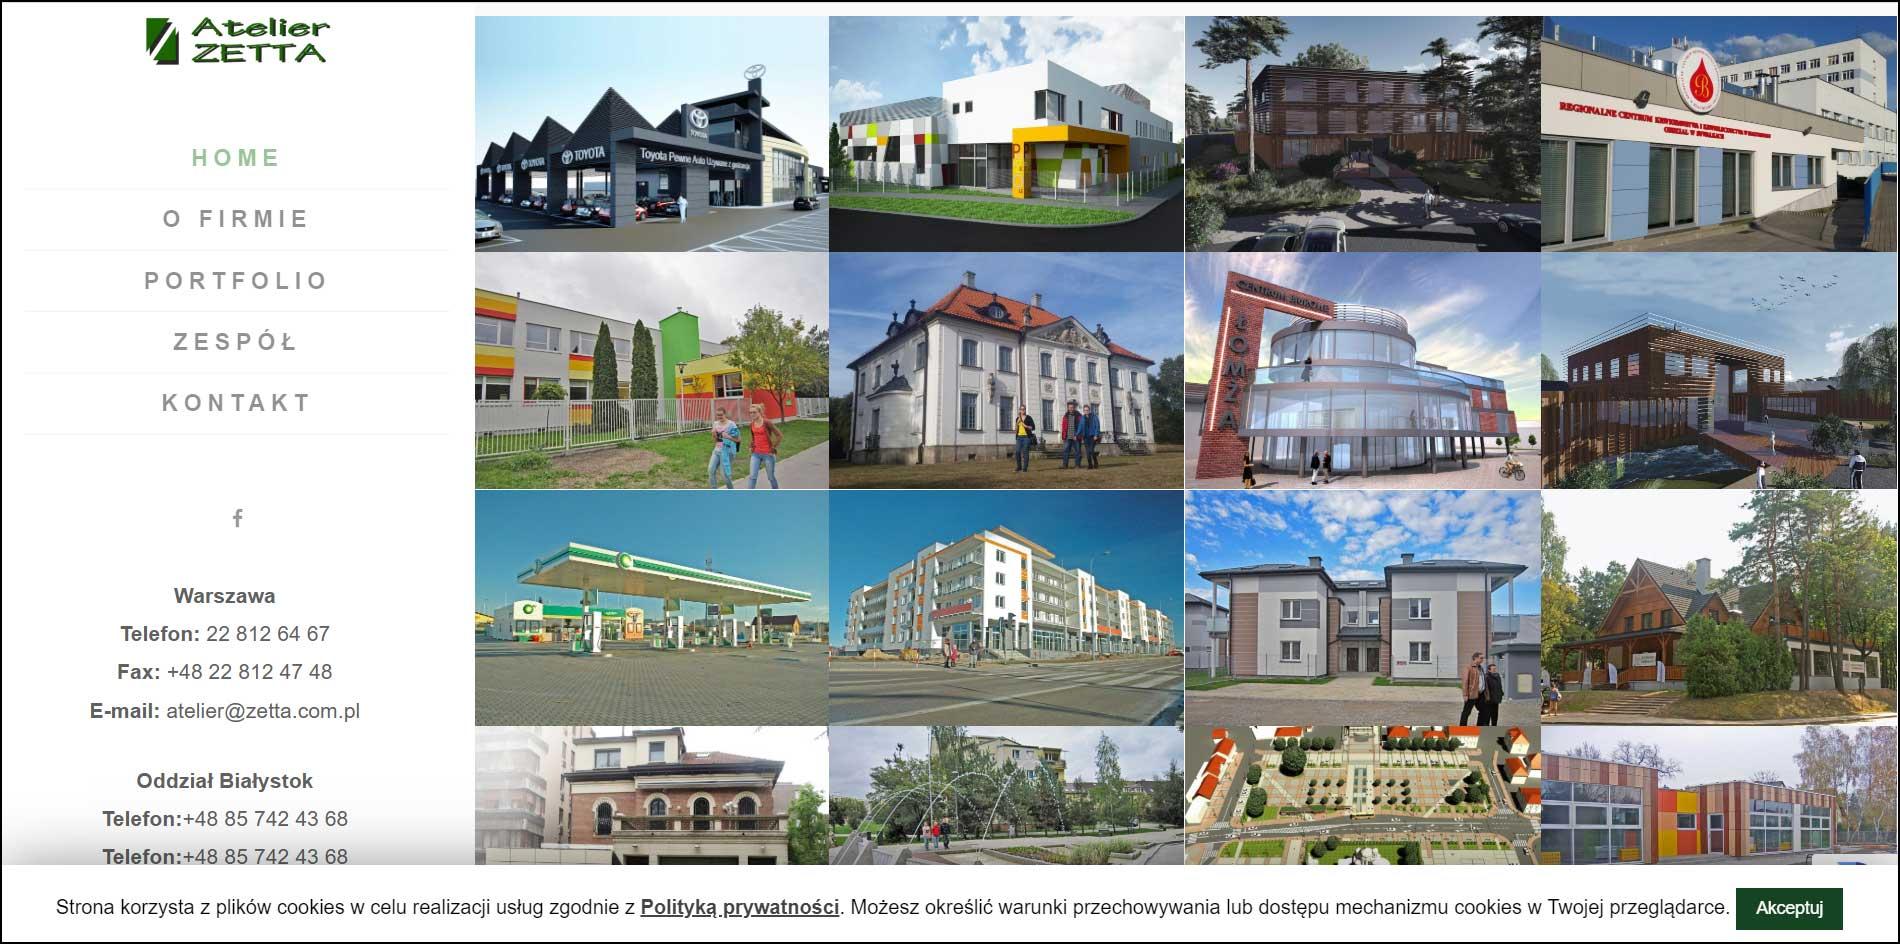 www.evion.pl-tanie-strony-www-Białystok-strony-internetowe-Białystok-tworzenie-stron-Białystok-niedrogie-strony-www-sklepy-internetowe-Białystok-serwisy-Białystok-agencja-reklamowa-Białystok